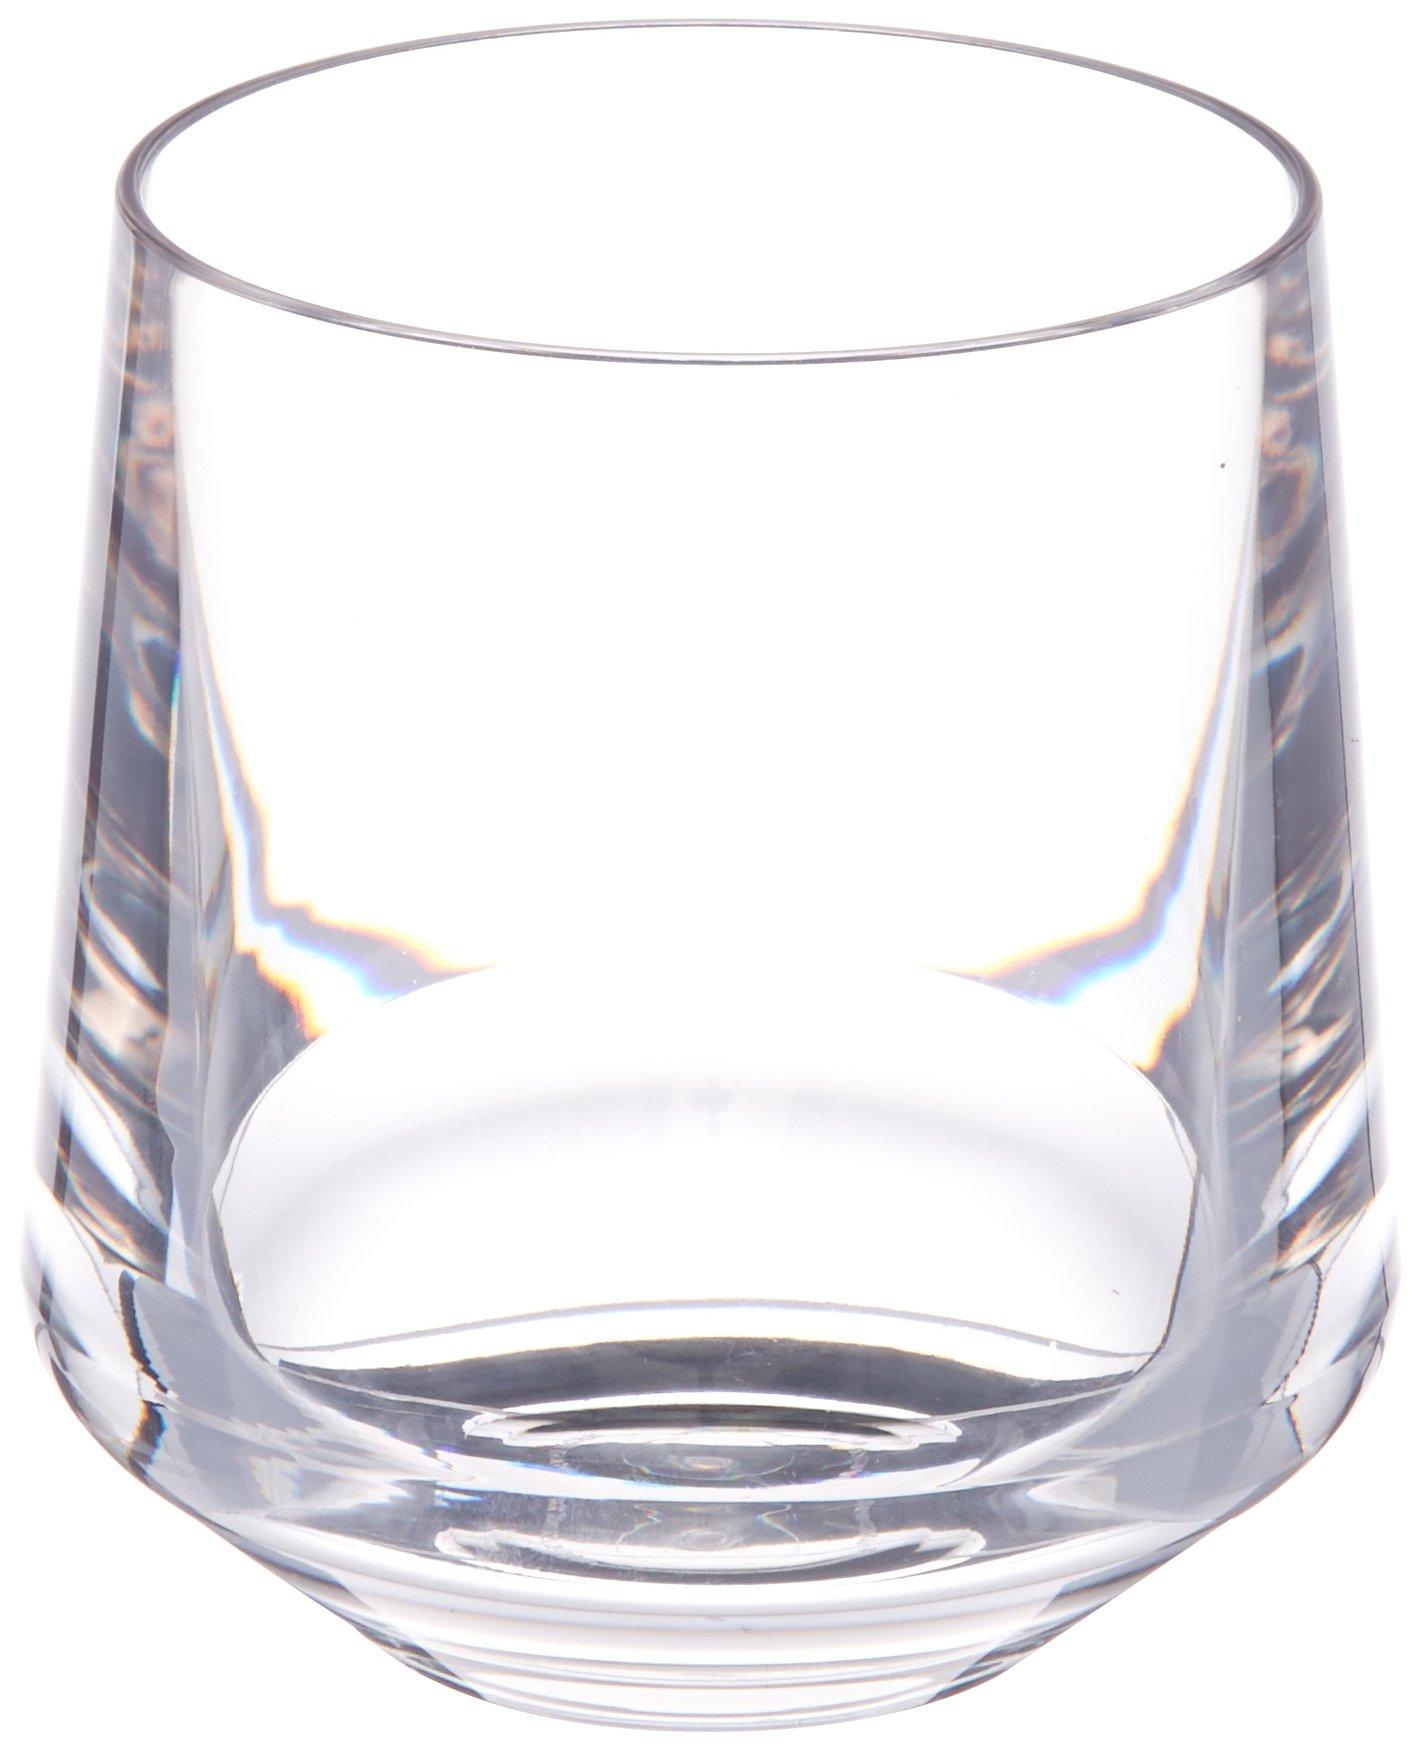 Drinique VIN-SW-CLR-4 Stemless Unbreakable Tritan Wine Glasses, 12 oz (Set of 4), Clear